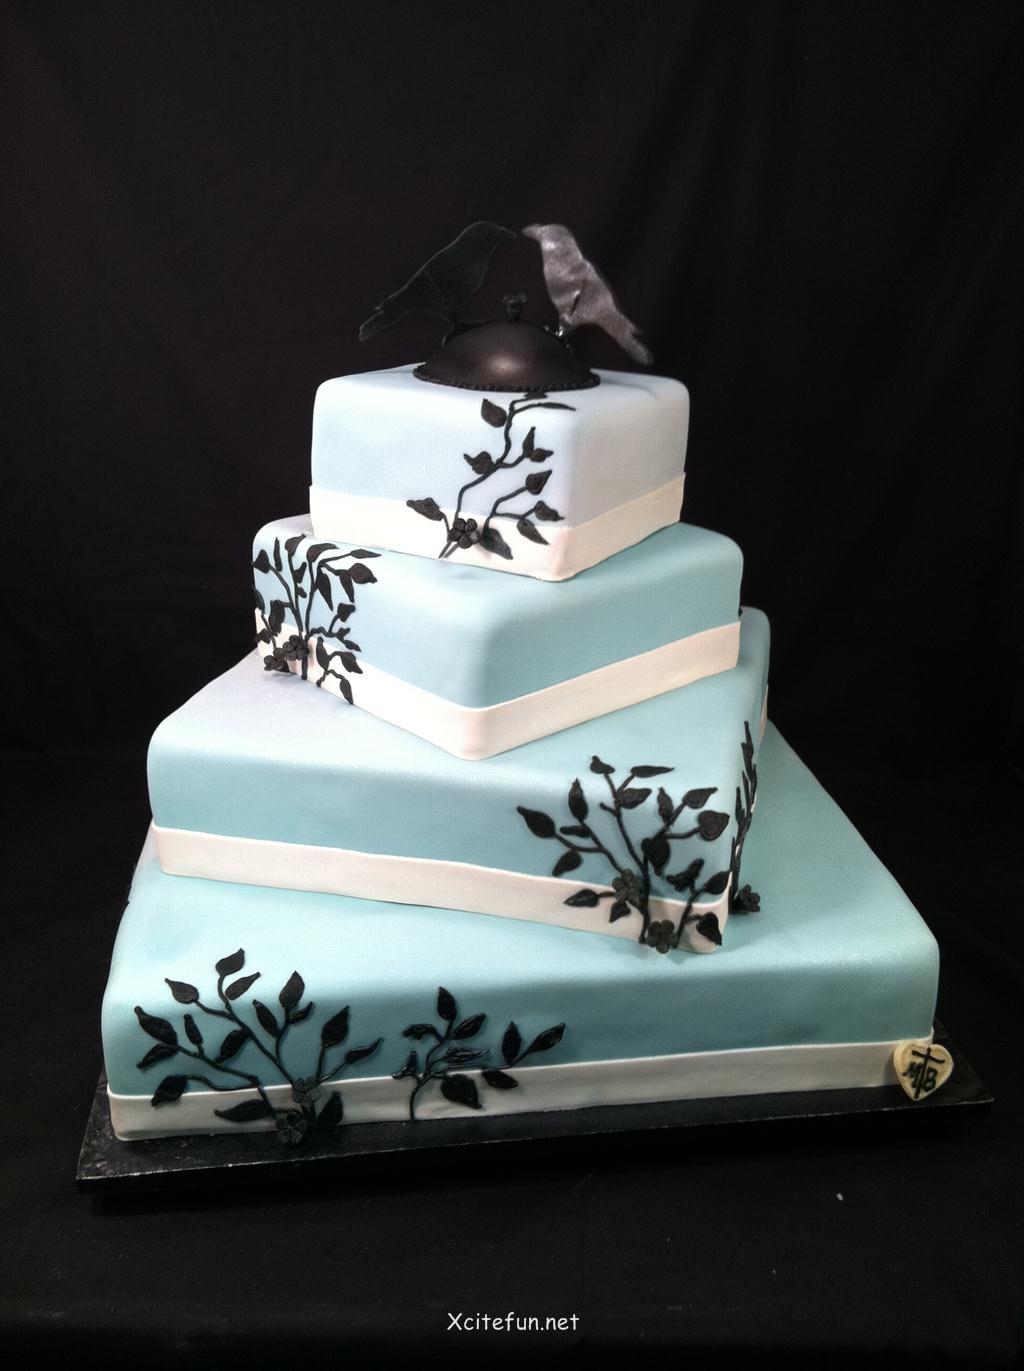 Wedding Cakes Decor  Wedding Cake Decoration Ideas